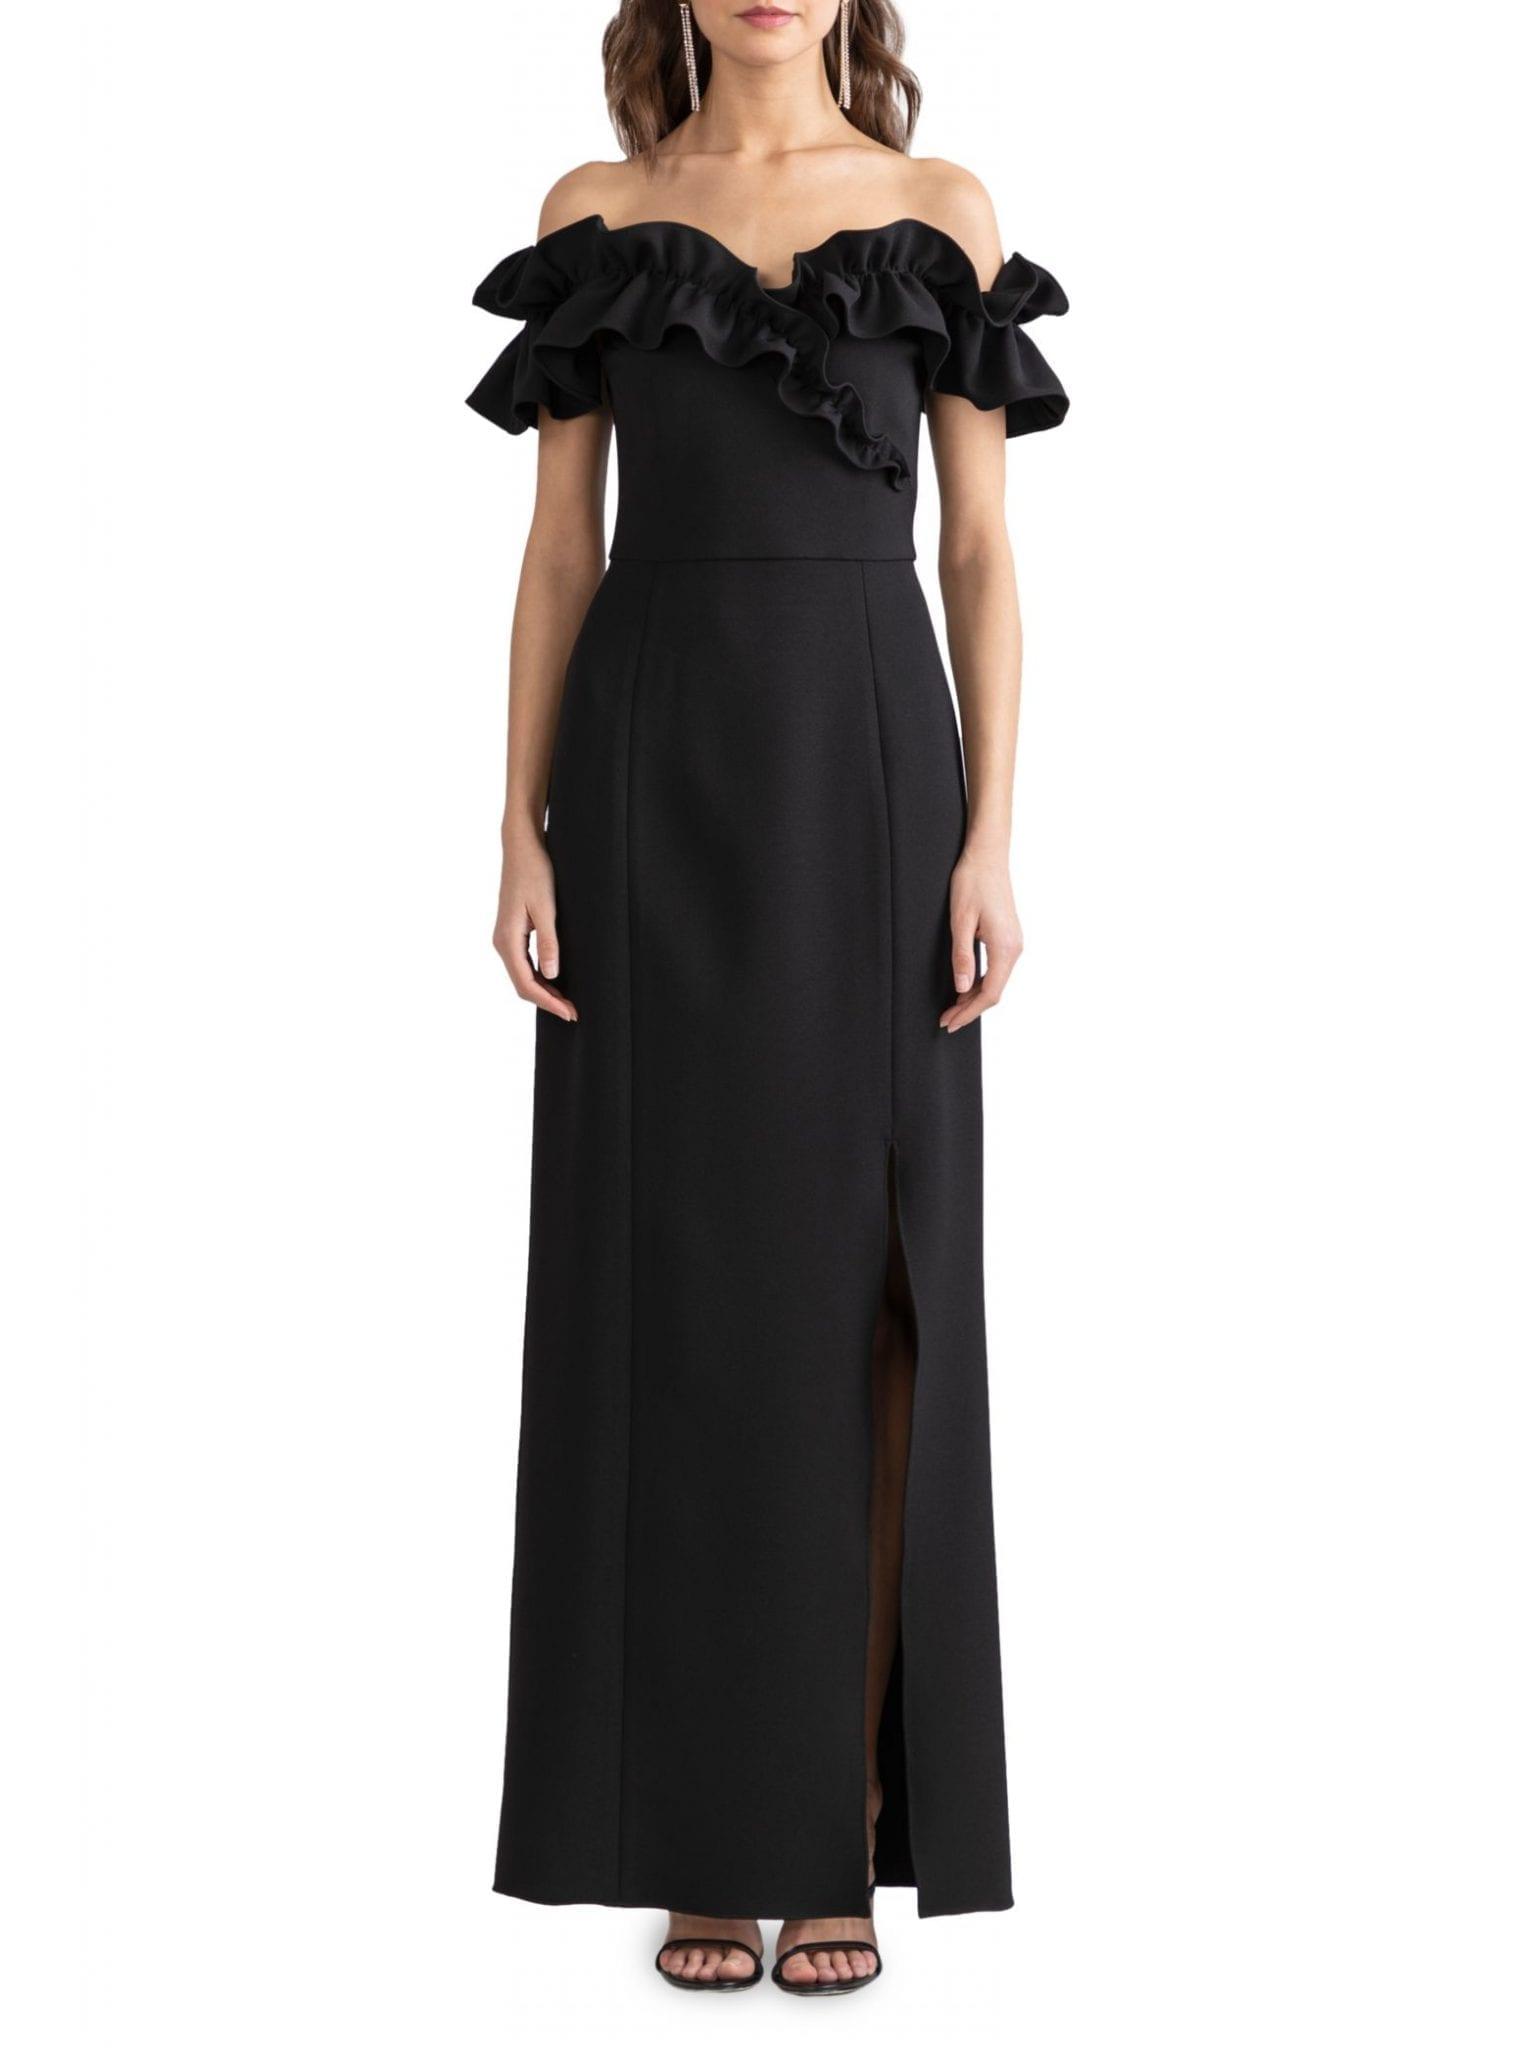 SHOSHANNA Ellis Off-The-Shoulder Dress